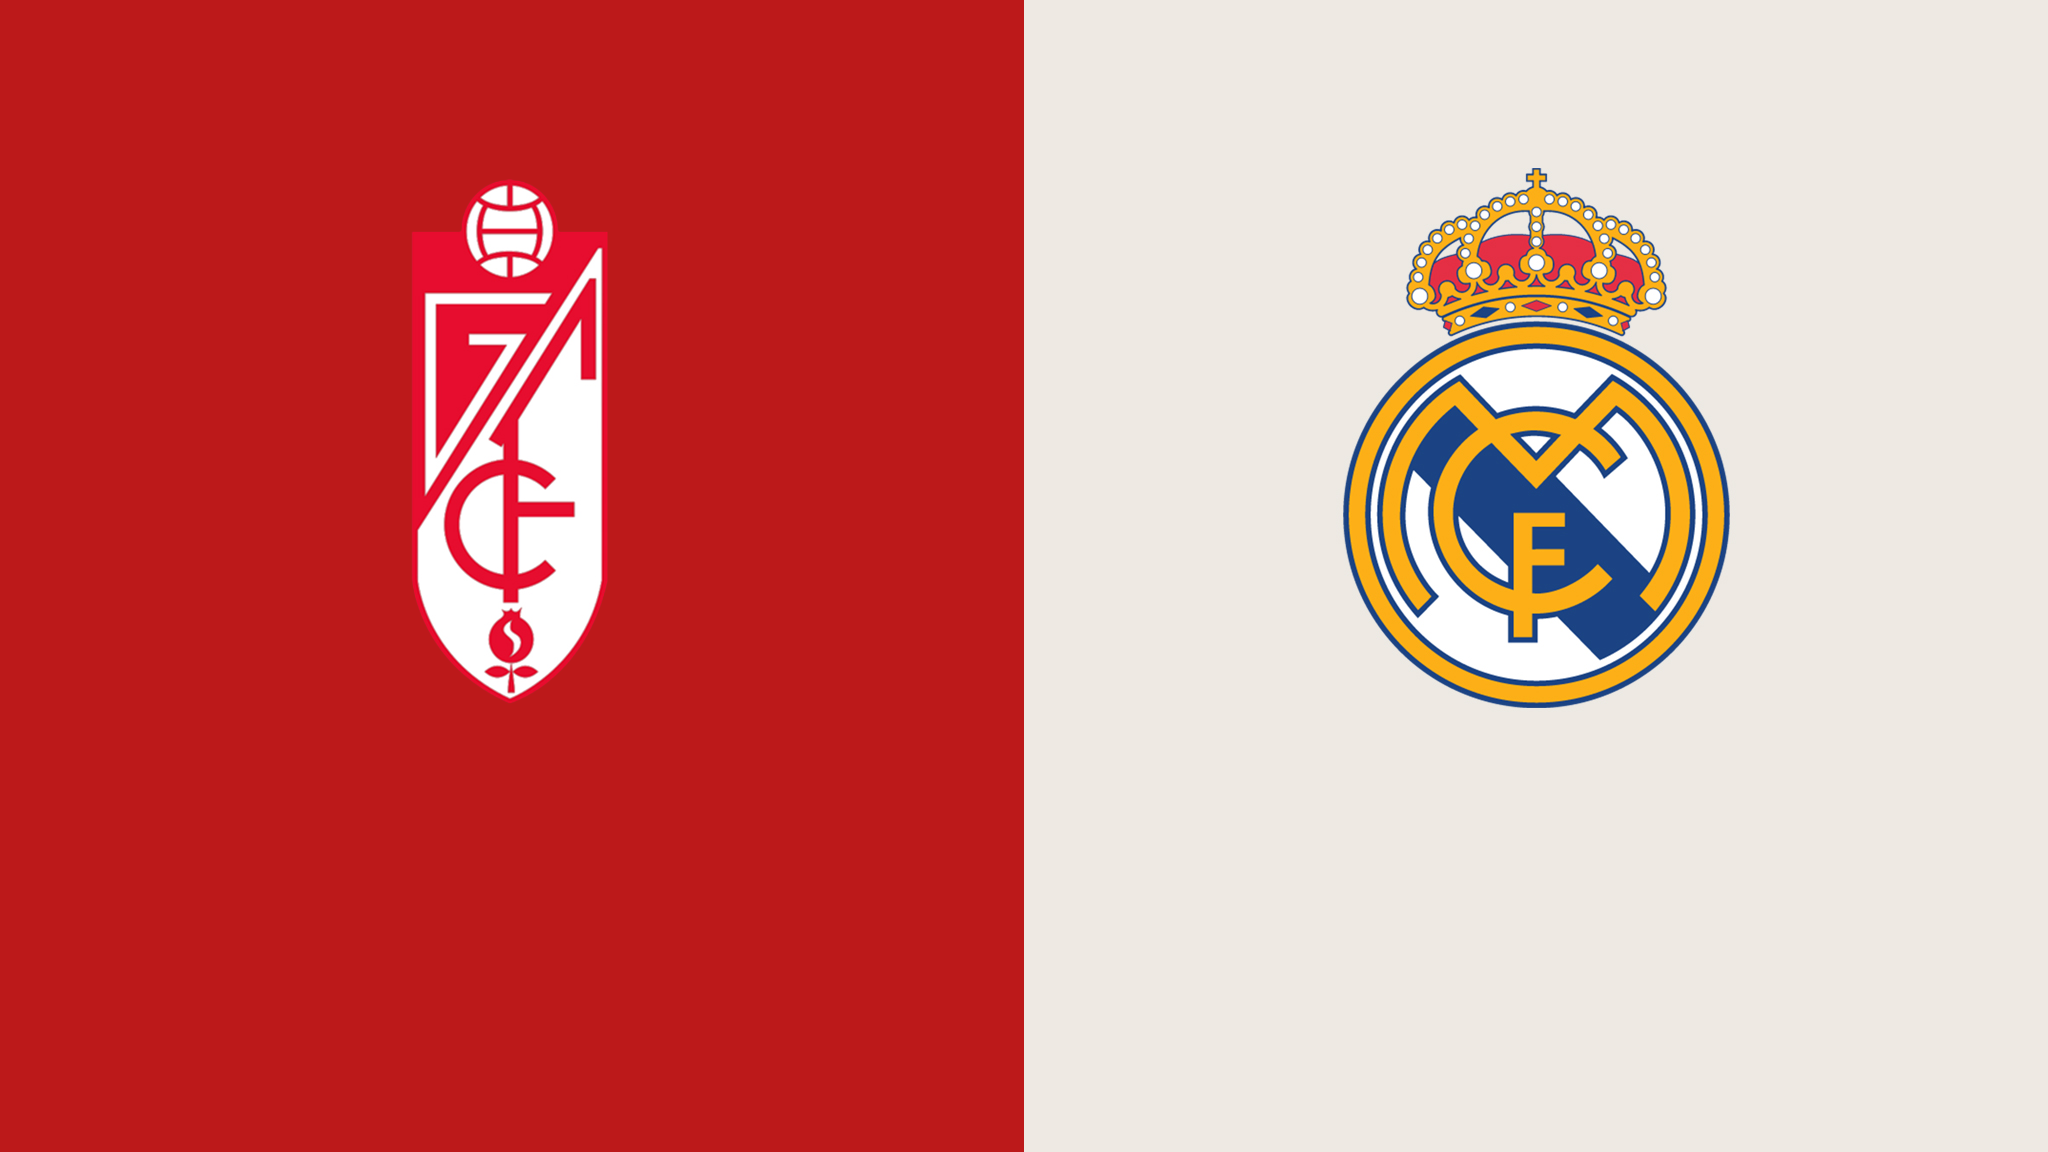 موعد مباراة ريال مدريد القادمة ضد غرناطة والقنوات الناقلة في الدوري الإسباني